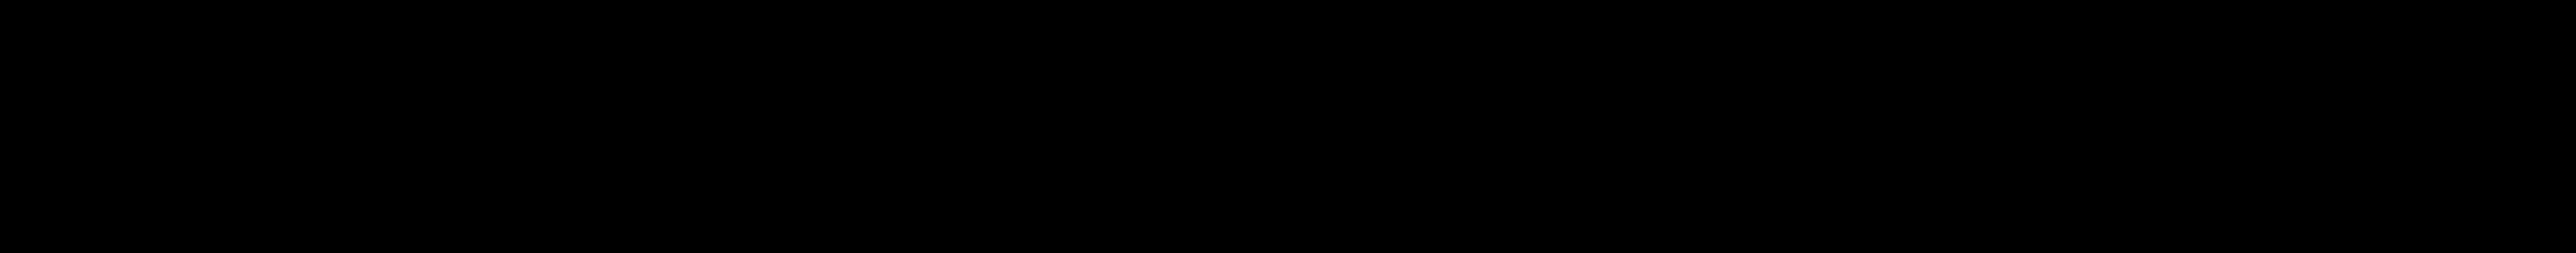 Rrm_header-e1413076265709